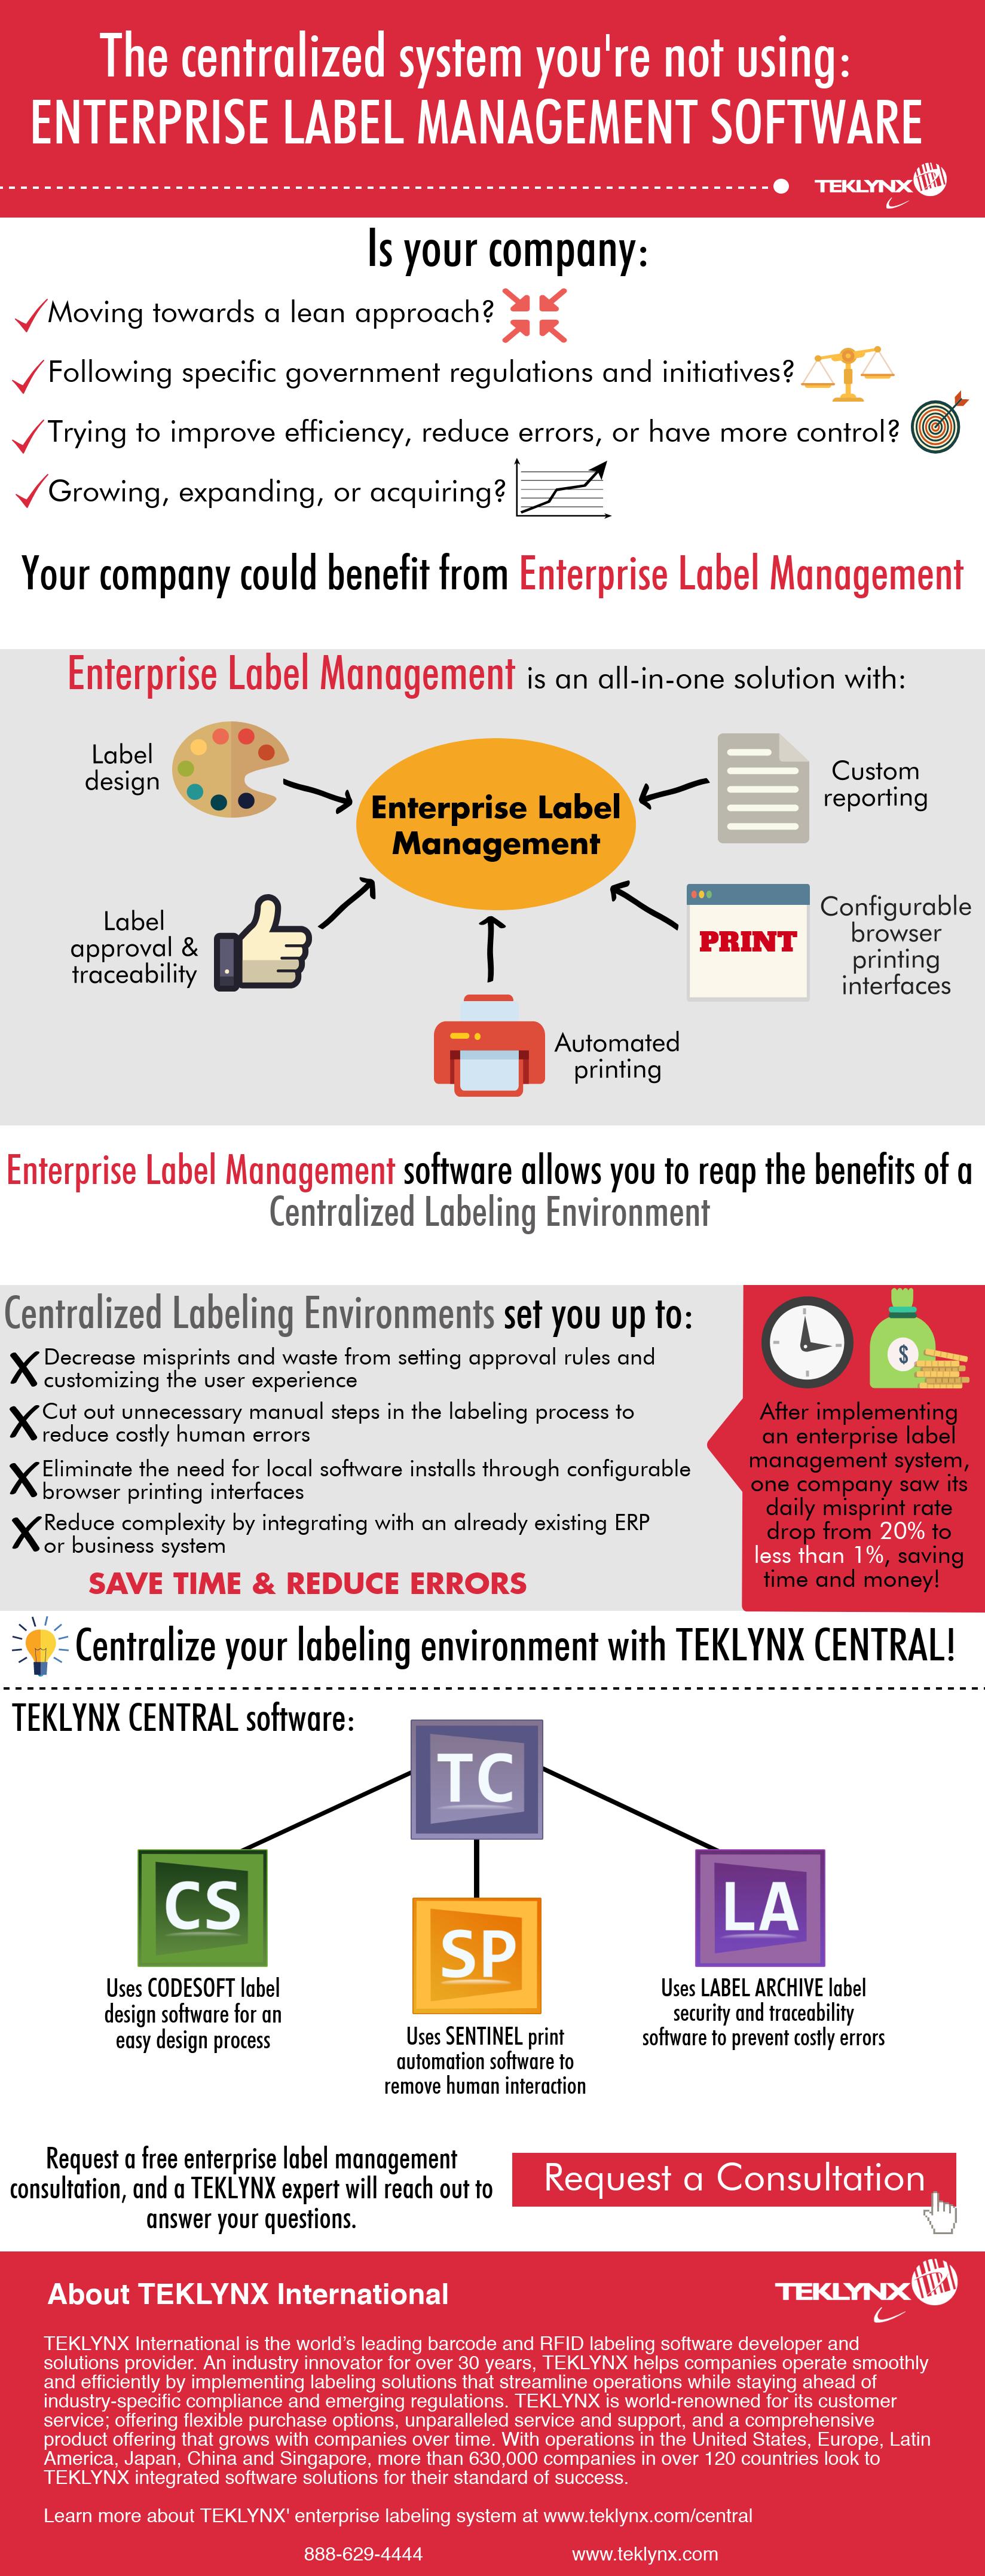 Das zentralisierte System, das Sie nicht verwenden: Enterprise Label Management Software